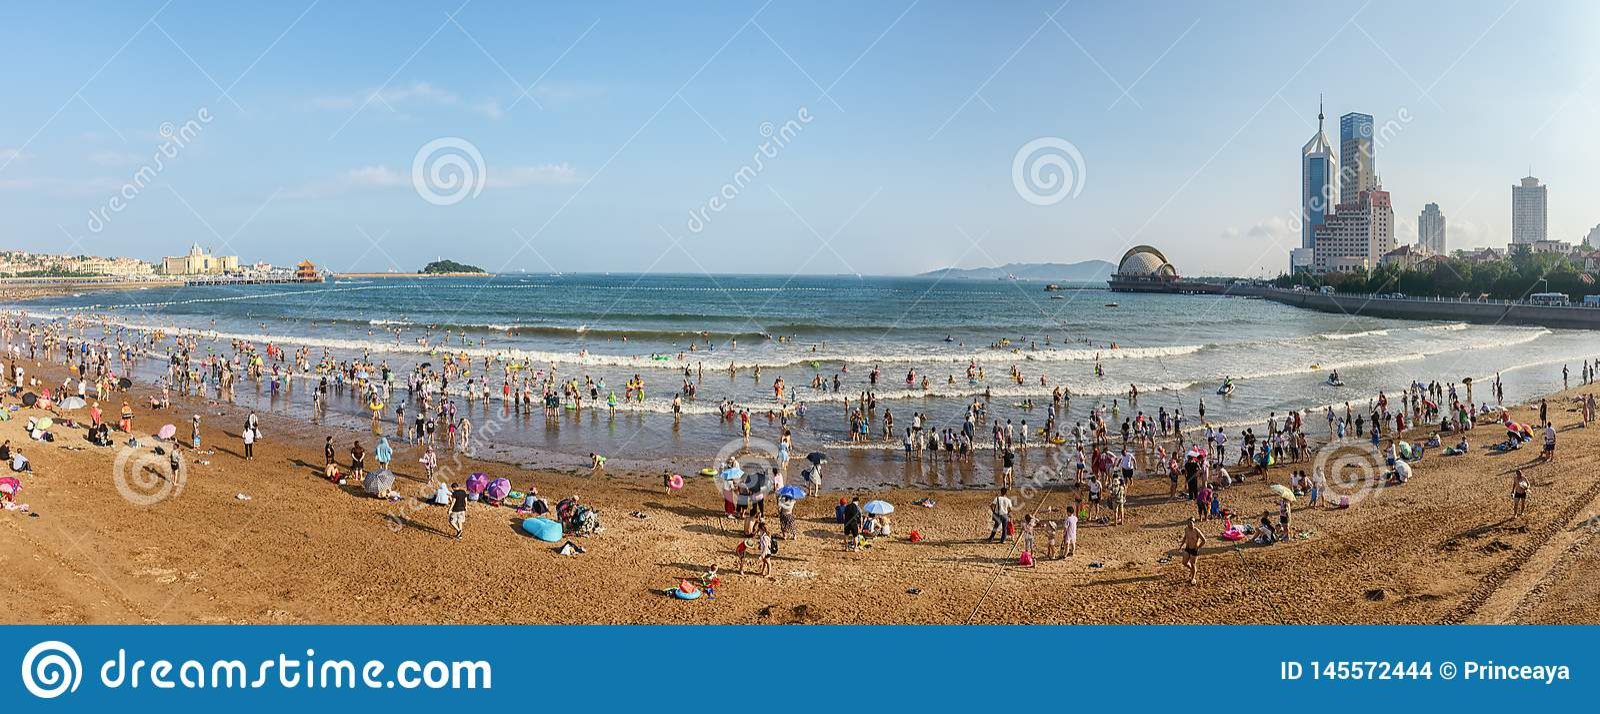 Панорамный вид пляжа в Qingdao